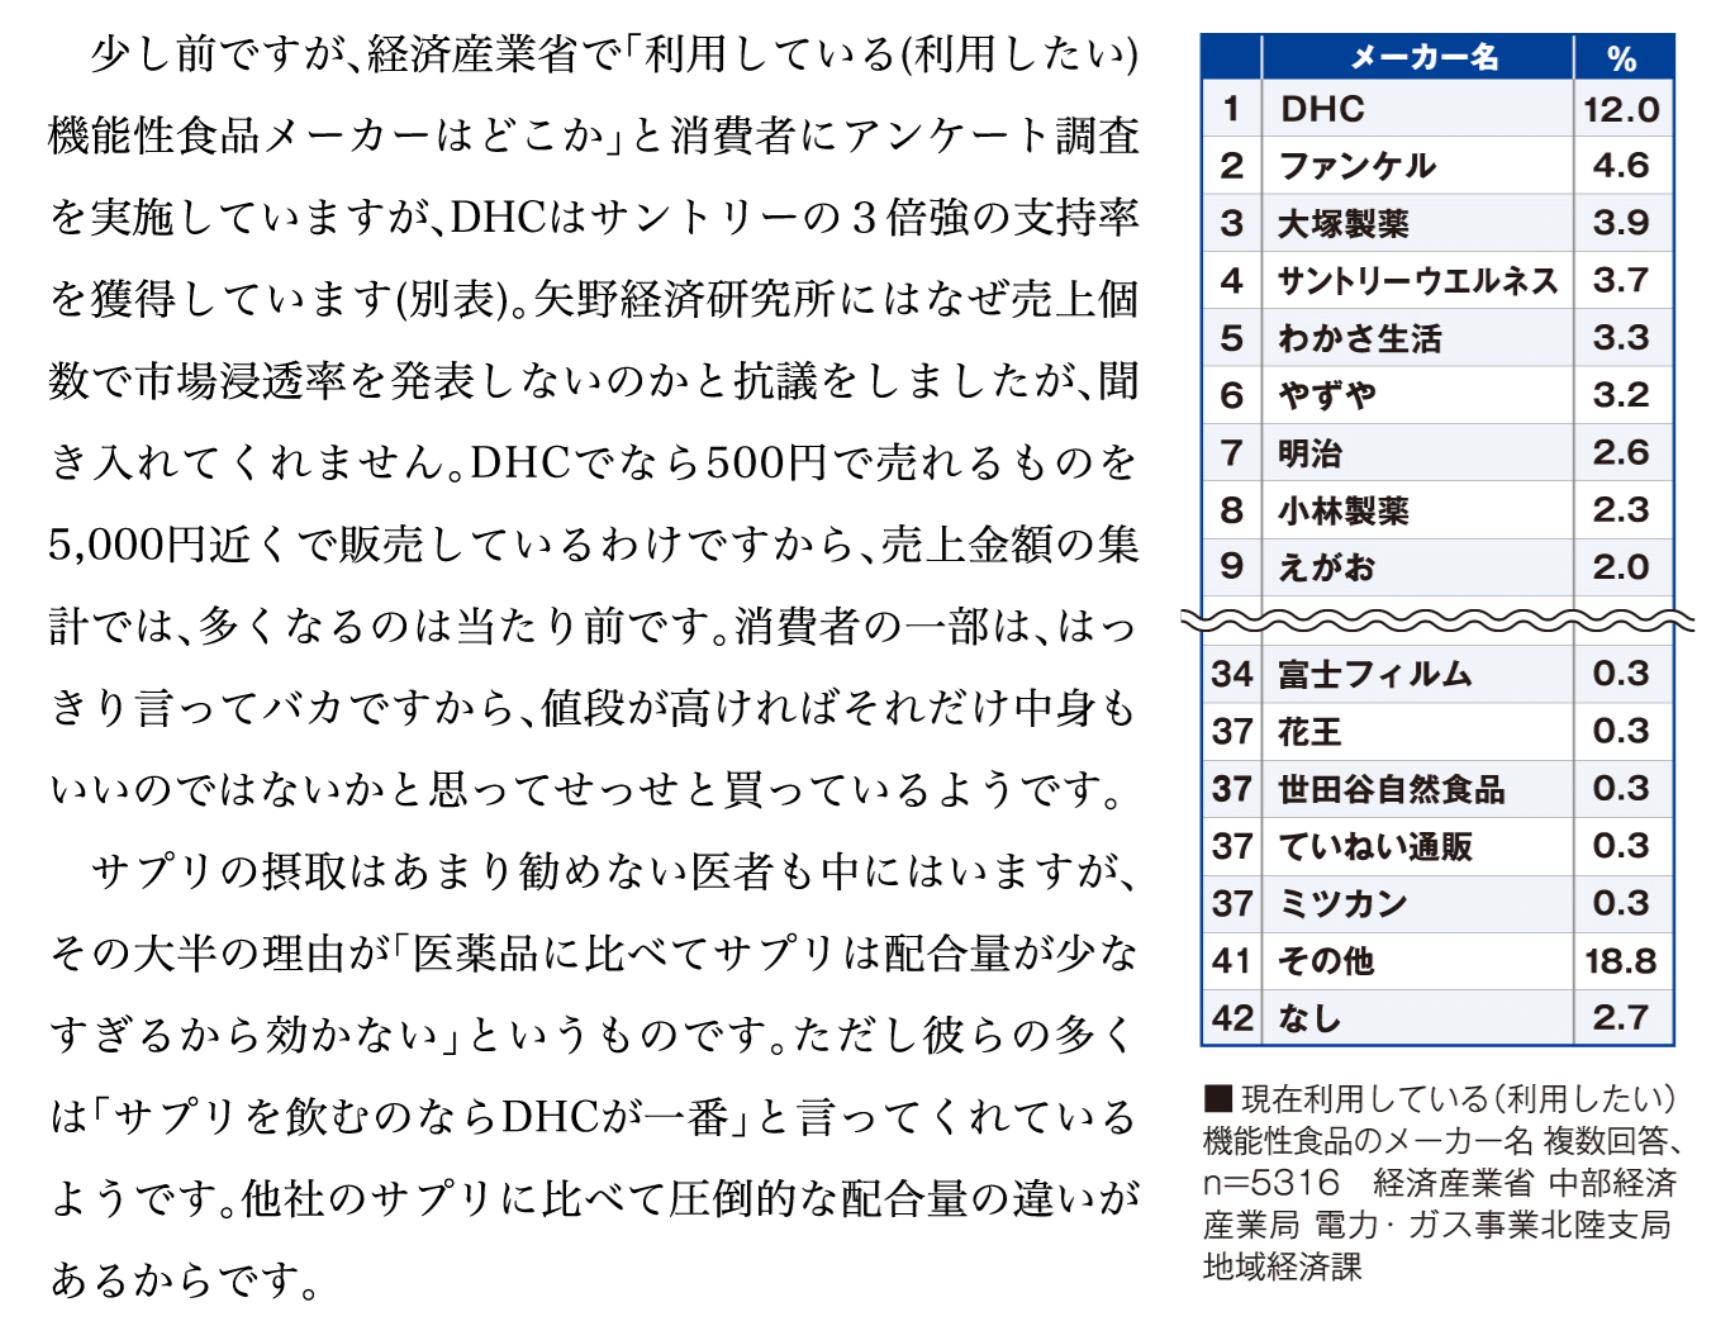 DHC会長のヤケクソくじの由来(2)